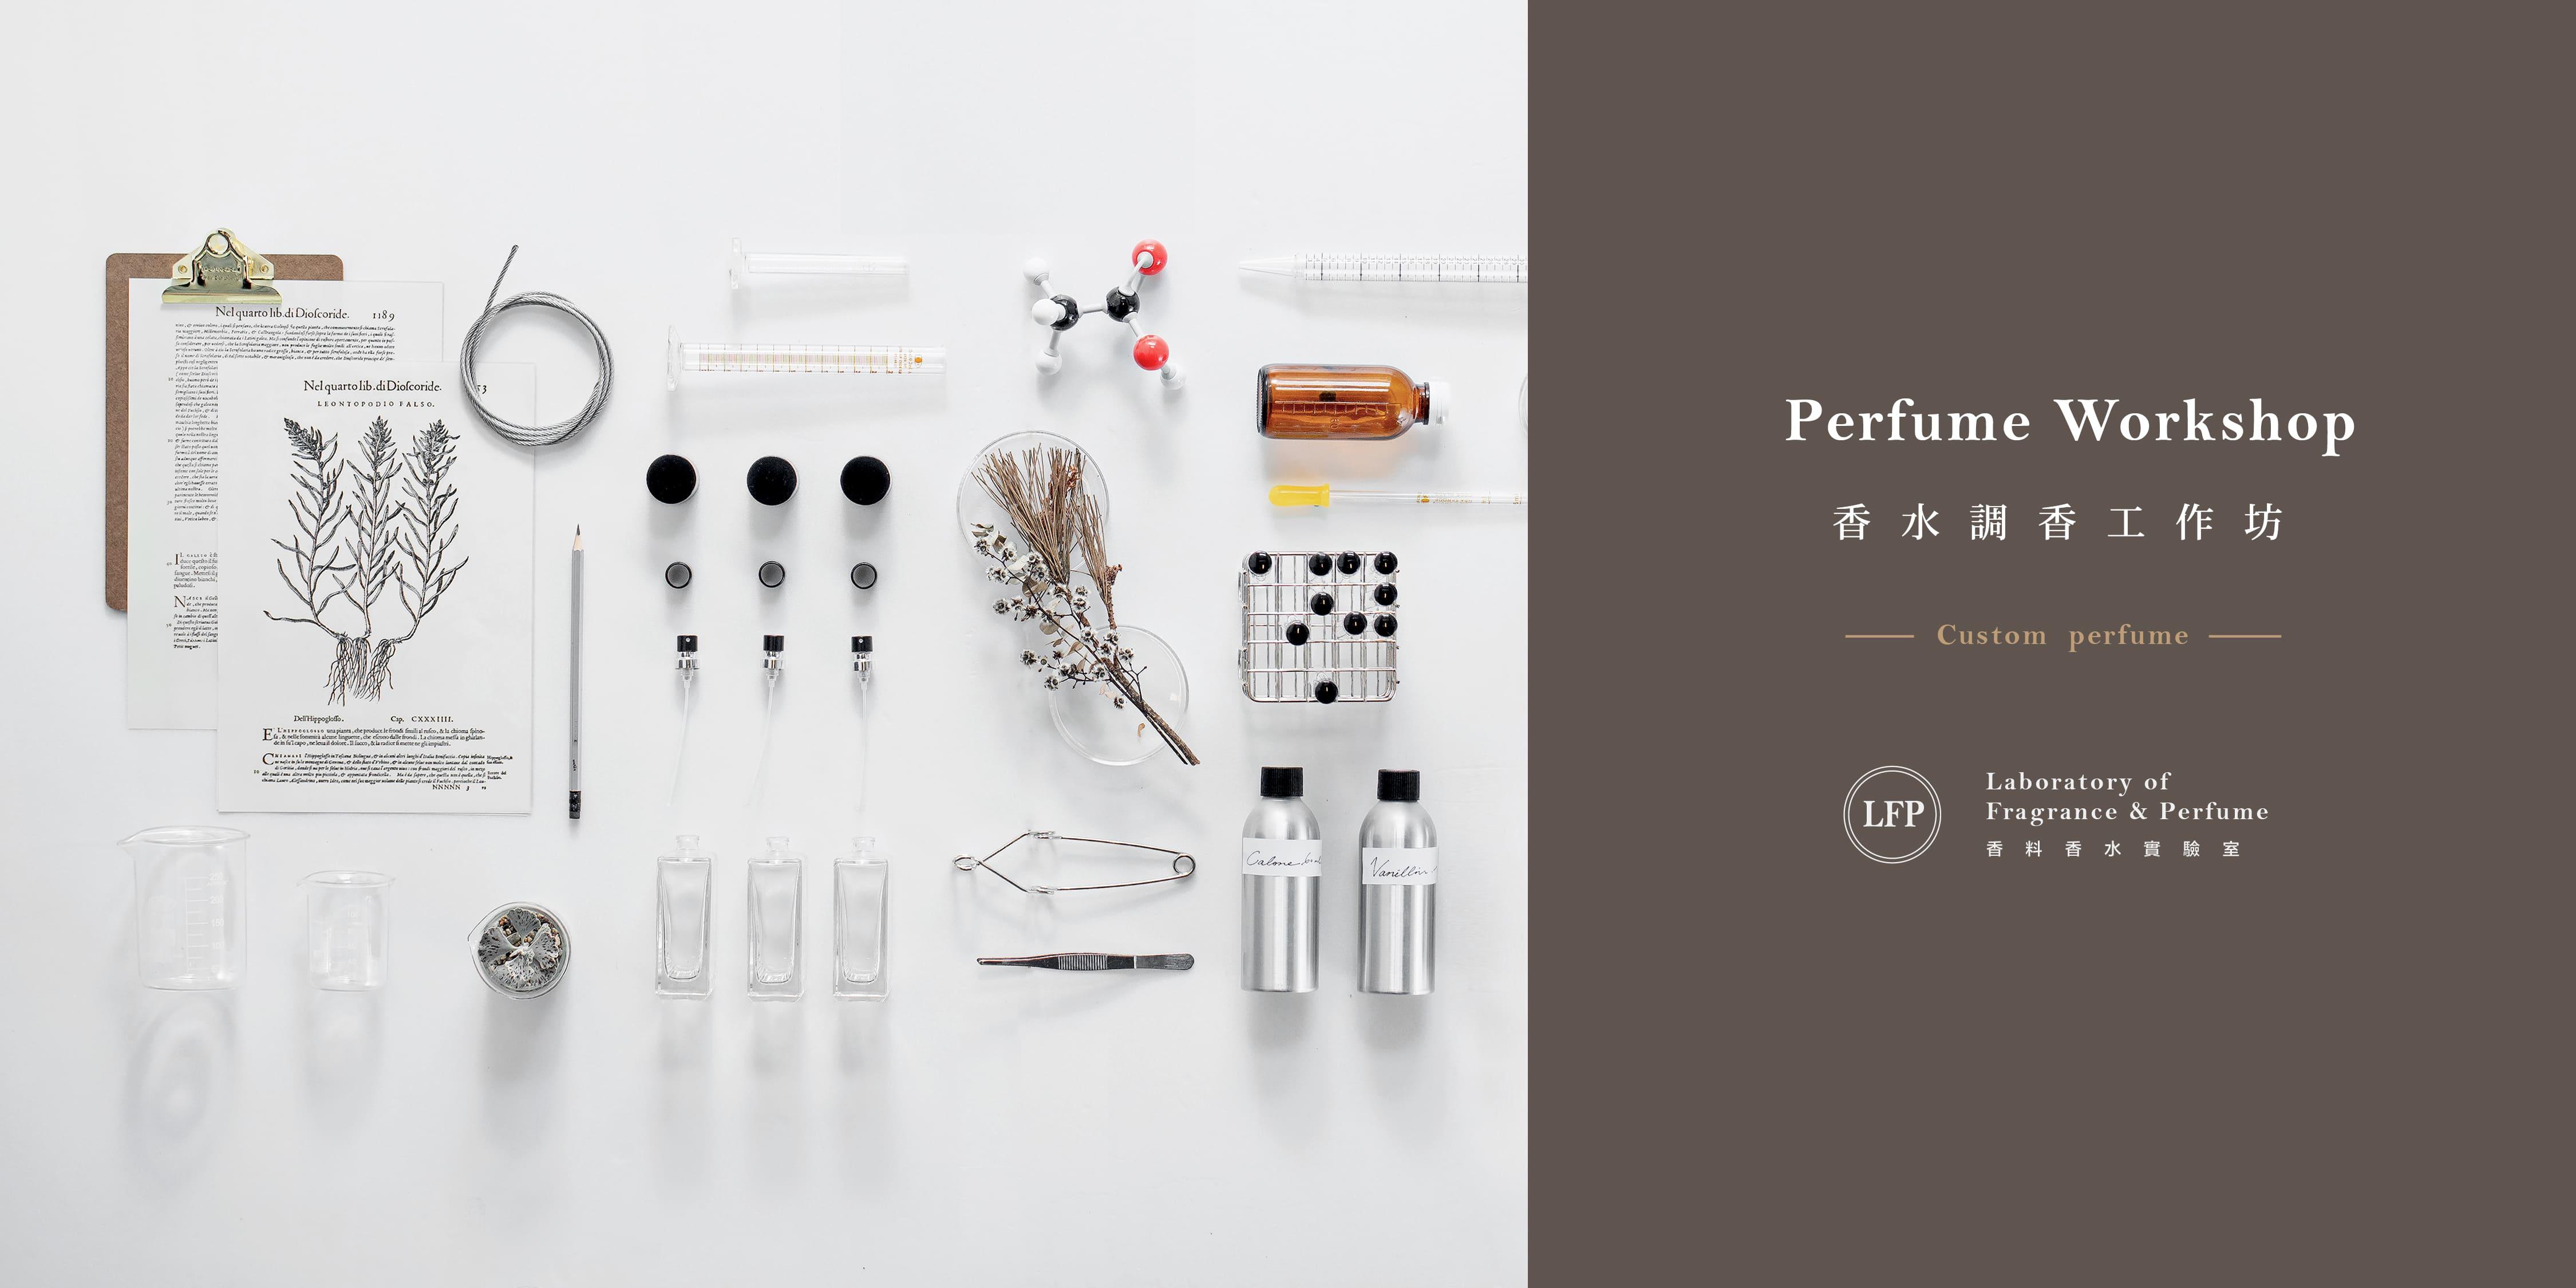 新竹場個人化香水調香工作坊 (2018 三月份 03/04) | LFP香料香水實驗室,客製專屬香水